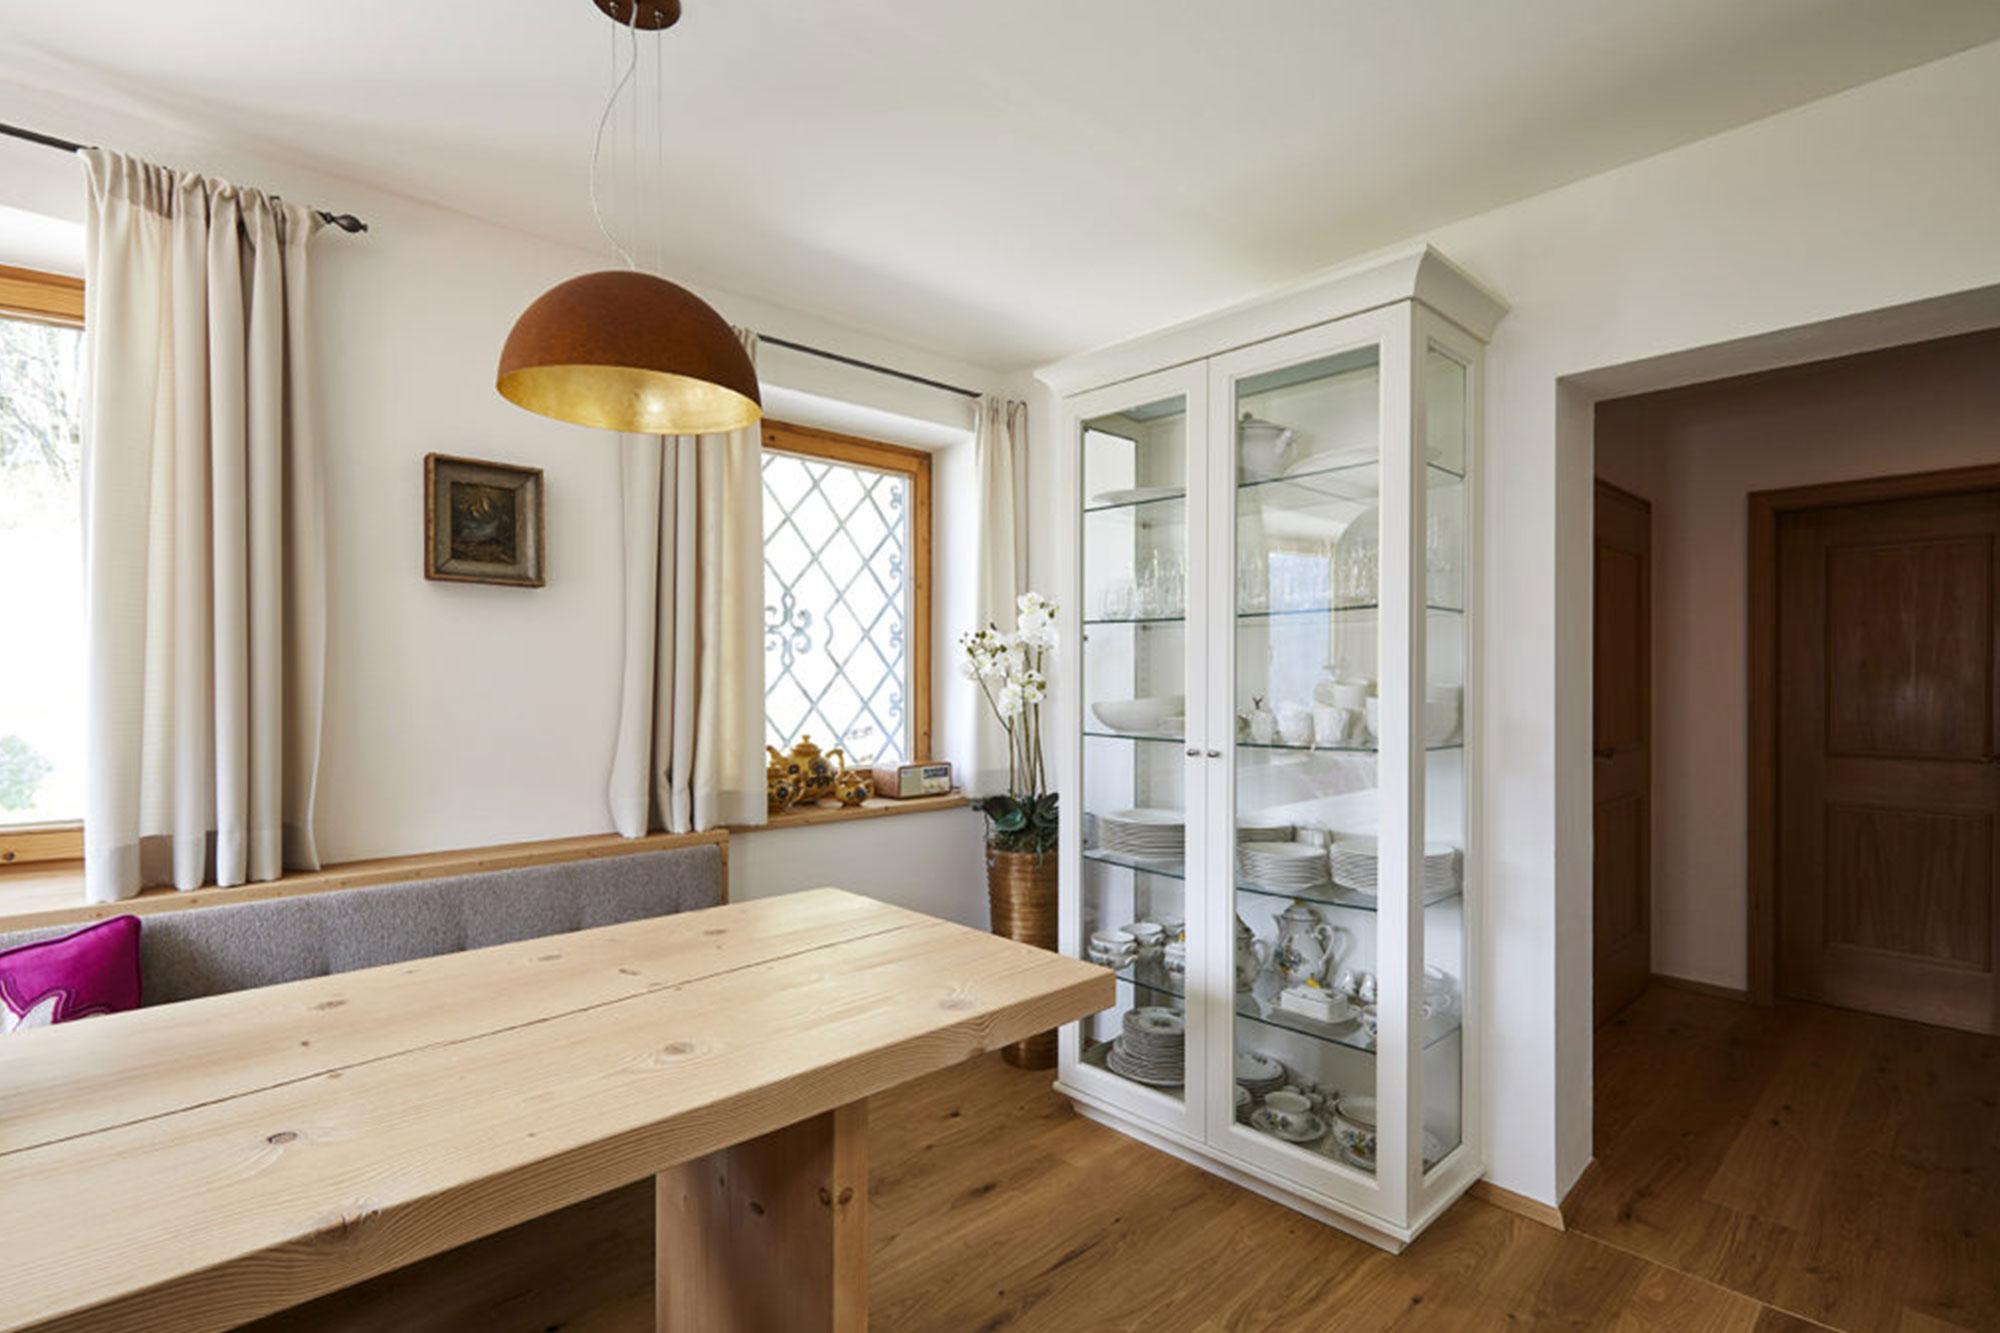 Tischlerei Stöckl Ebbs Inneneinrichtung Ferienhaus Möbel Esszimmer Küche